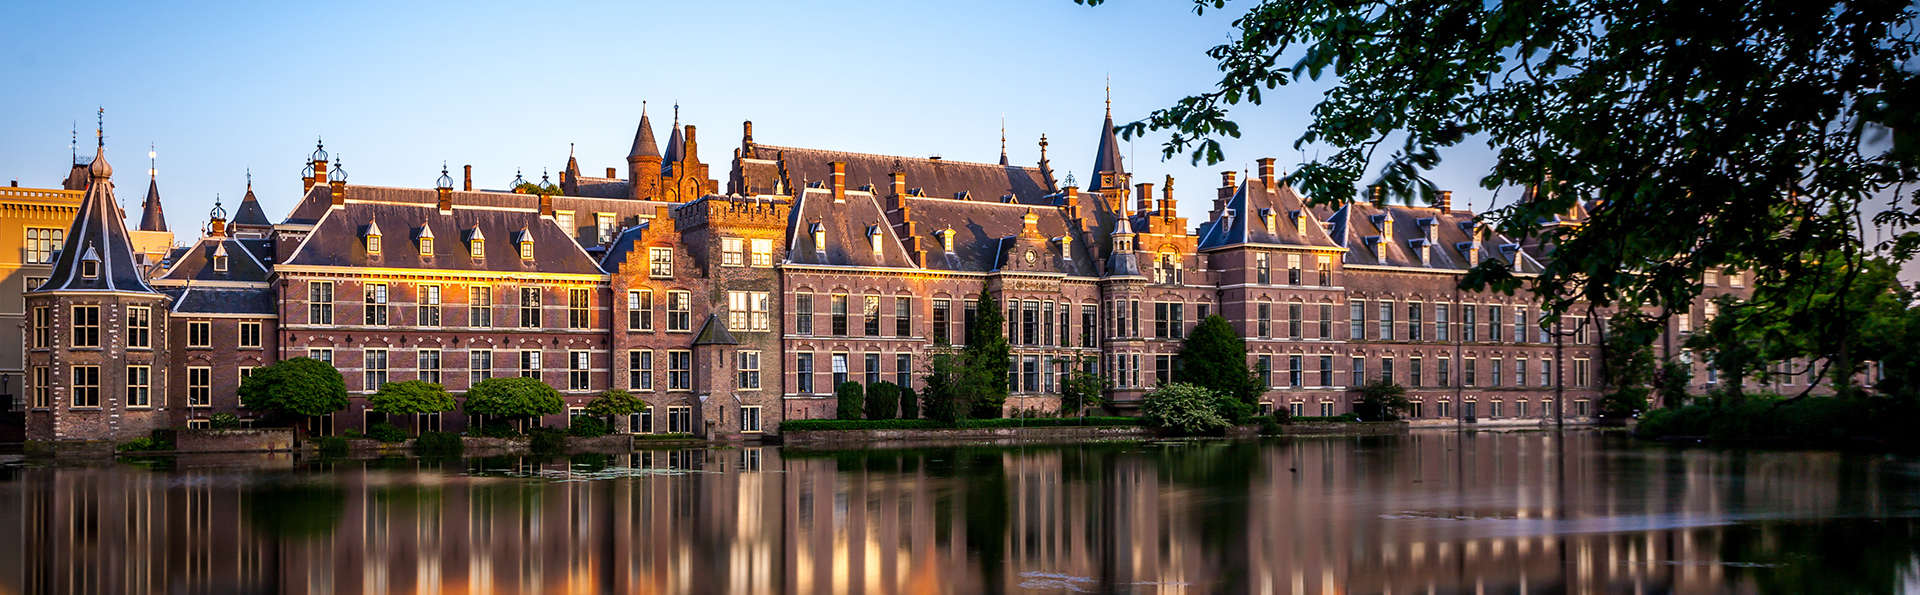 Profitez du luxe et découvrez La Haye (à partir de 2 nuits)